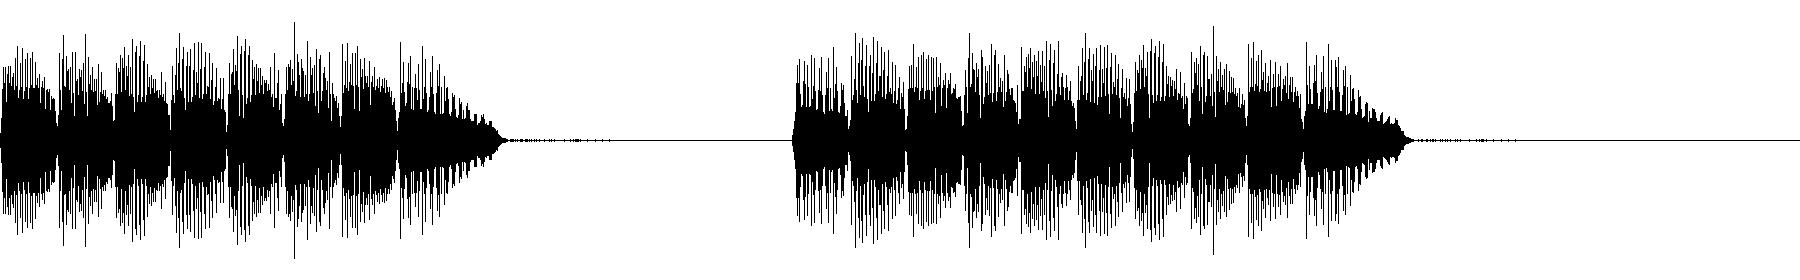 ehp synloop 127 discopunk c